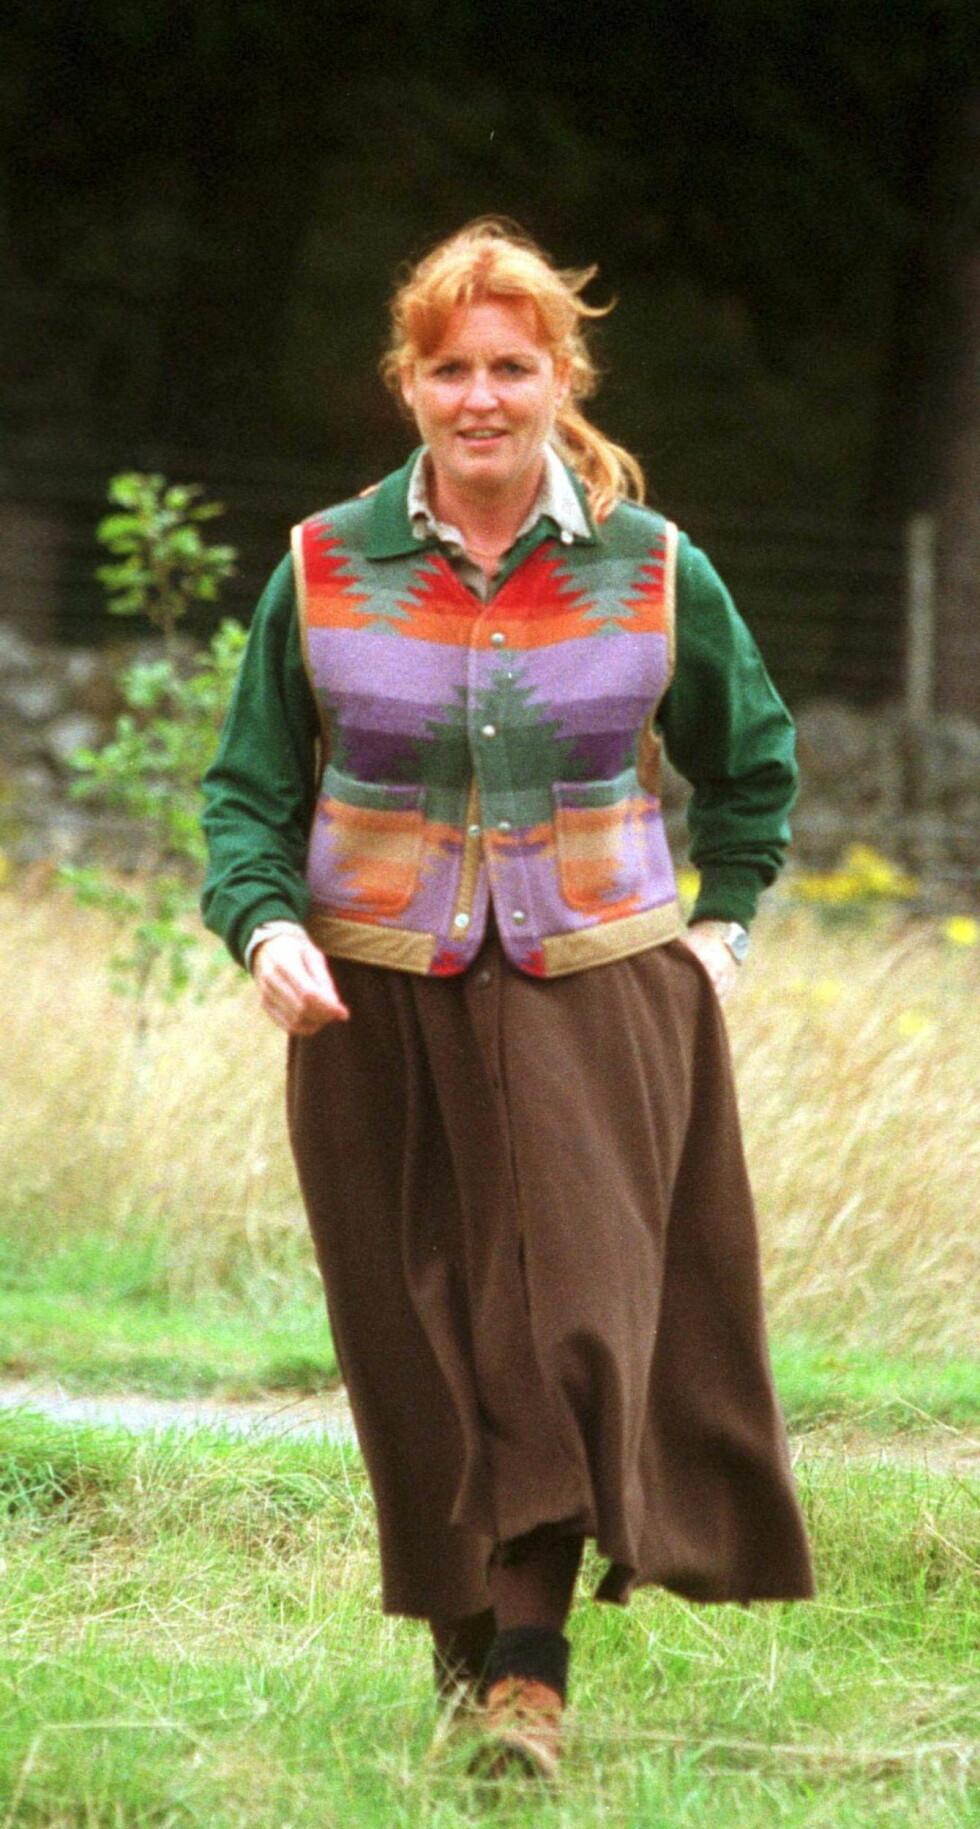 <strong>MOBBET:</strong> Sarah har blitt kalt hertuginnen av gris og feite Sarah.  Nå innrømmer hun at overvektsproblemene har gjort det vanskelig for henne å være en offentlig person.  Foto: ALL OVER PRESS